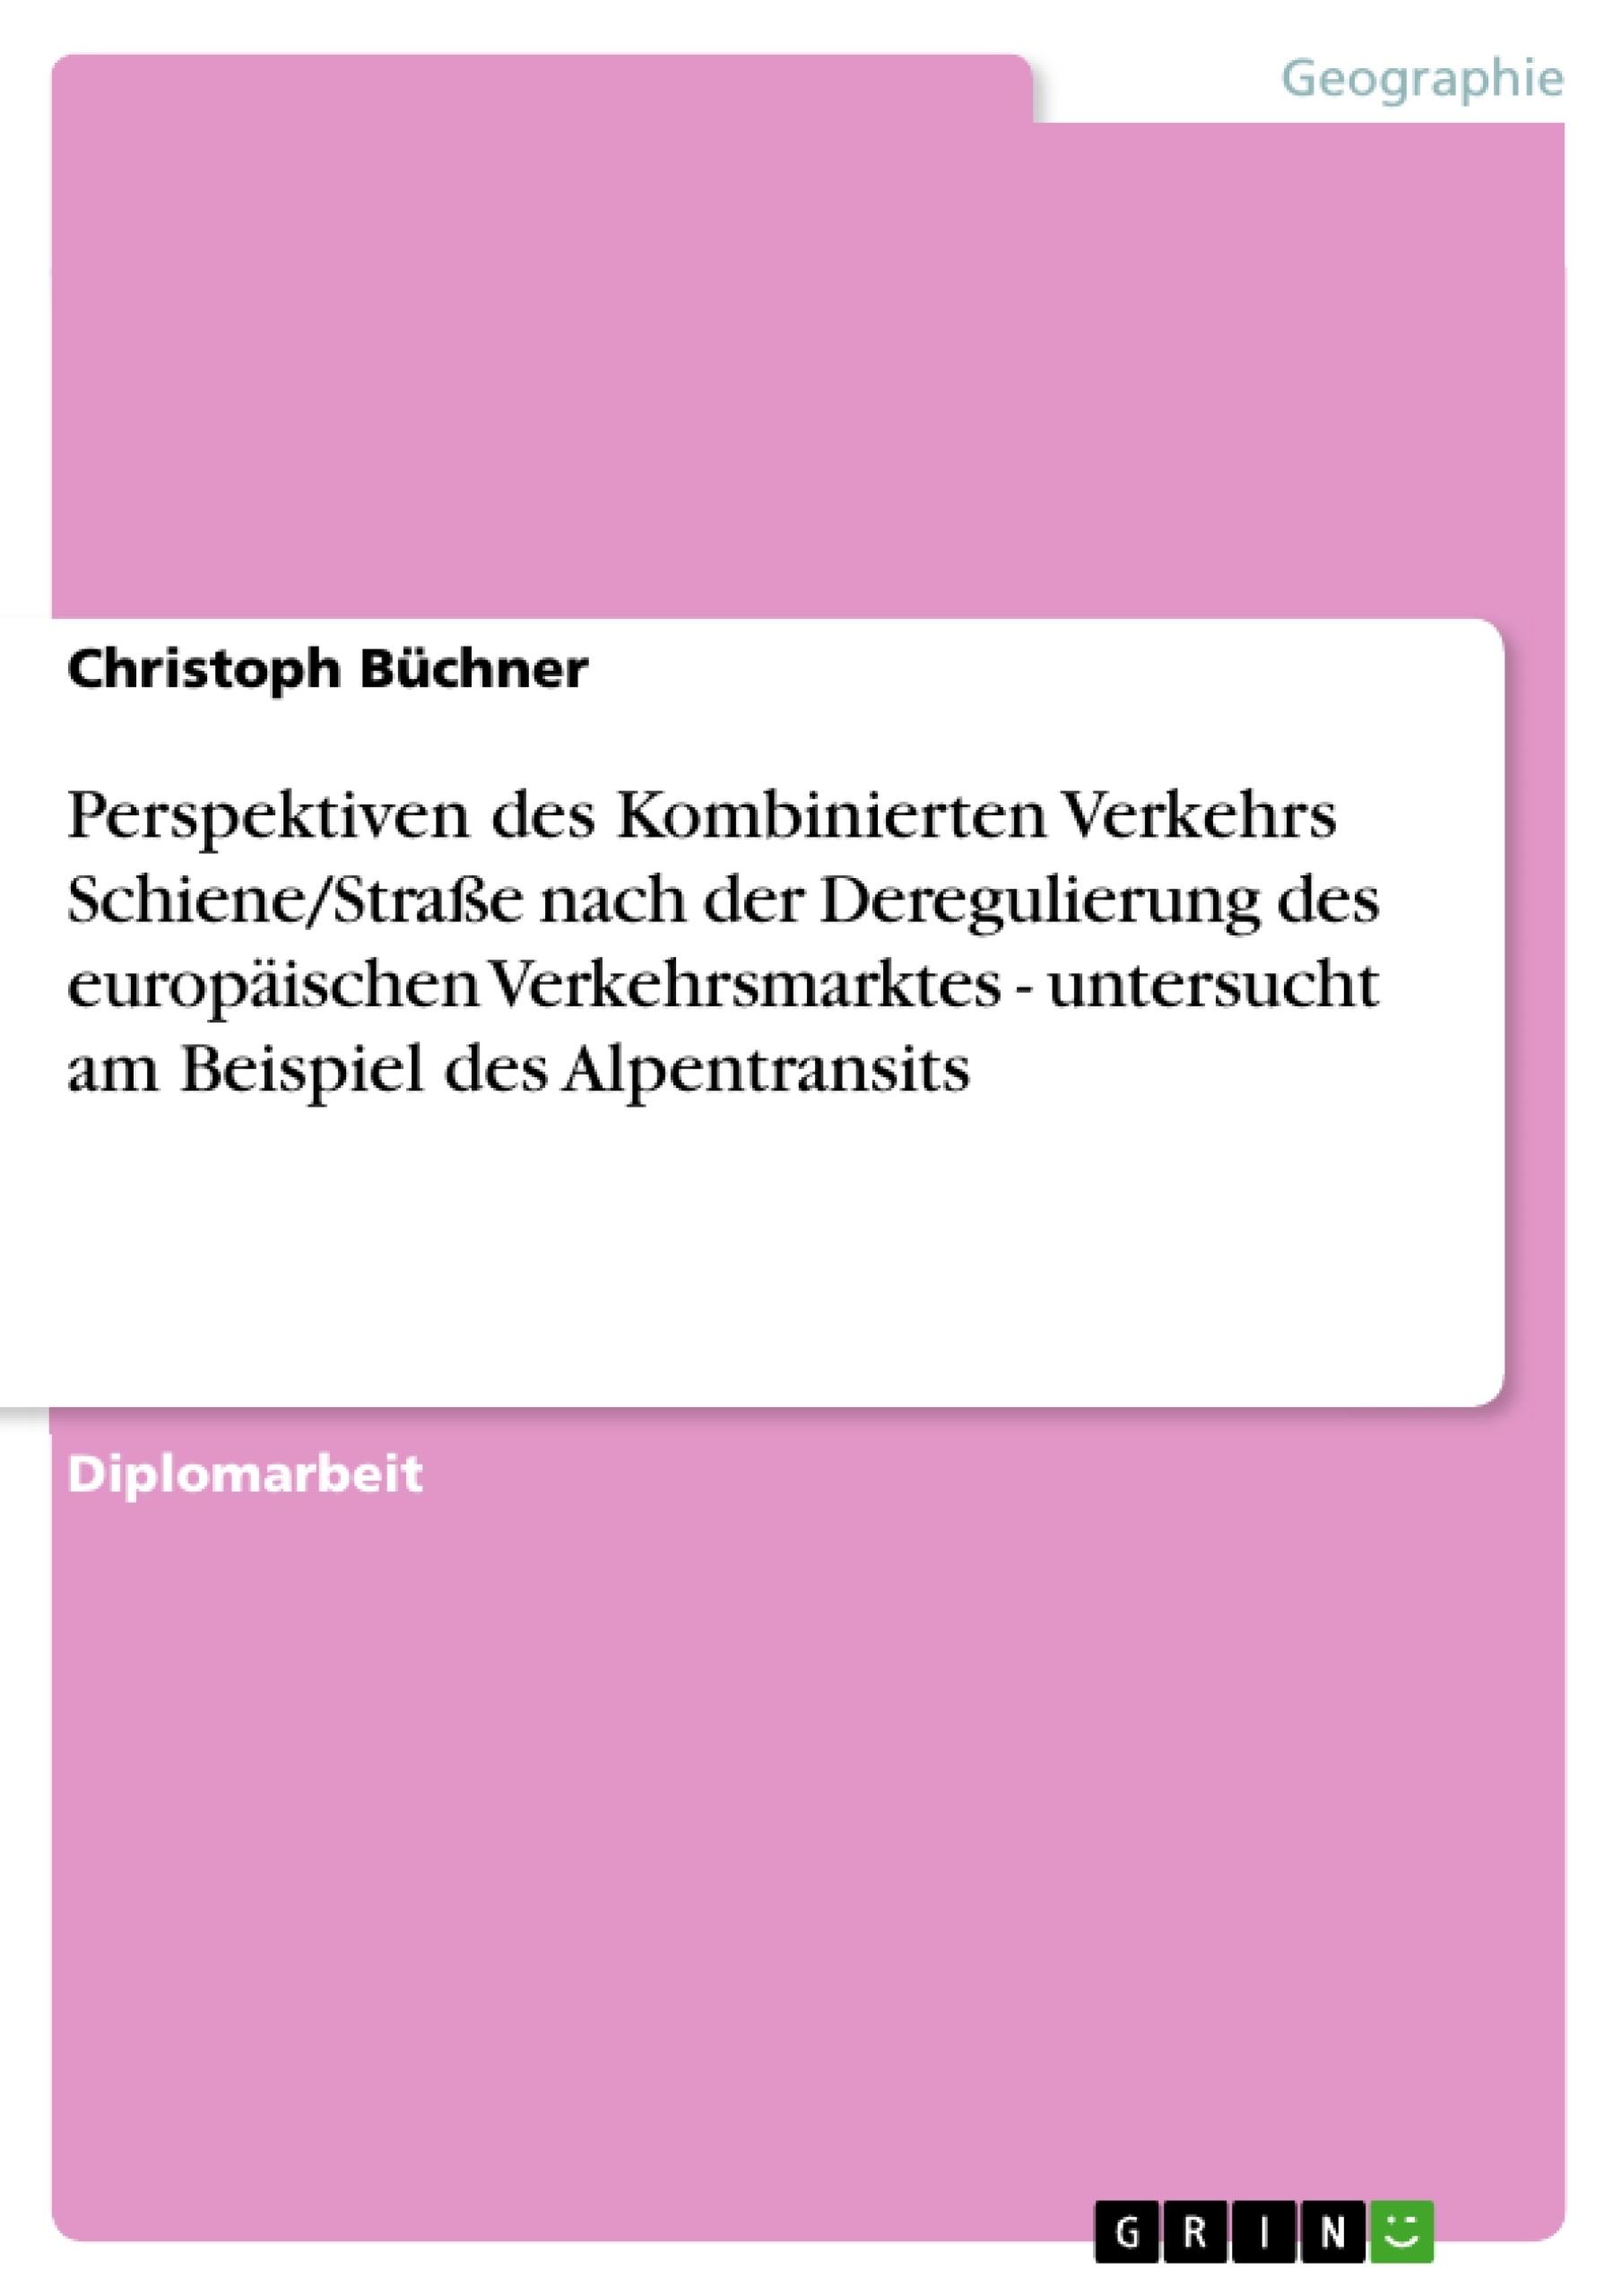 Titel: Perspektiven des Kombinierten Verkehrs Schiene/Straße nach der Deregulierung des europäischen Verkehrsmarktes - untersucht am Beispiel des Alpentransits